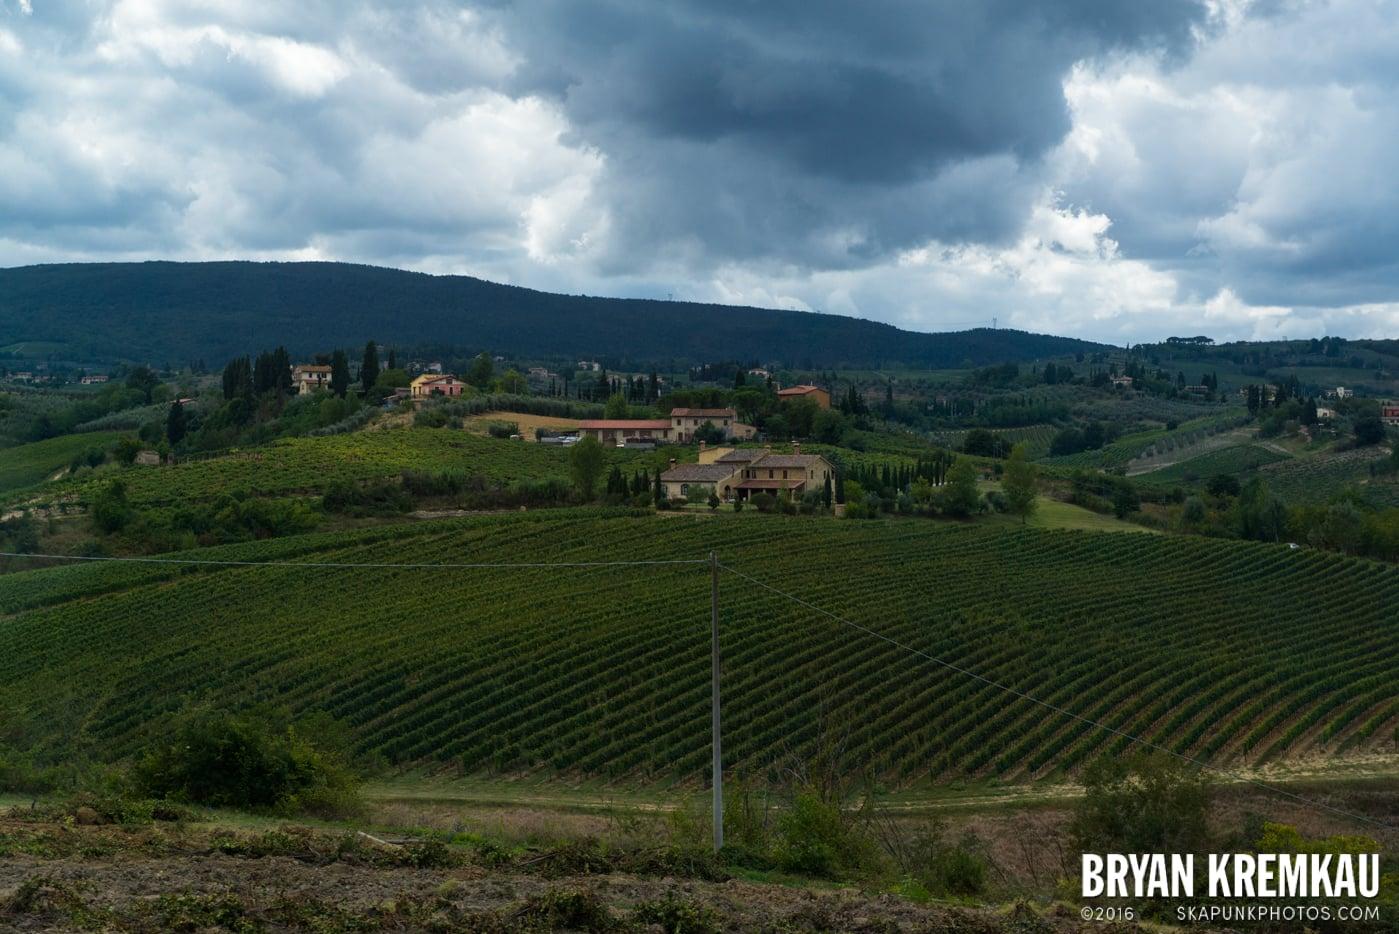 Italy Vacation - Day 8: Siena, San Gimignano, Chianti, Pisa - 9.16.13 (78)